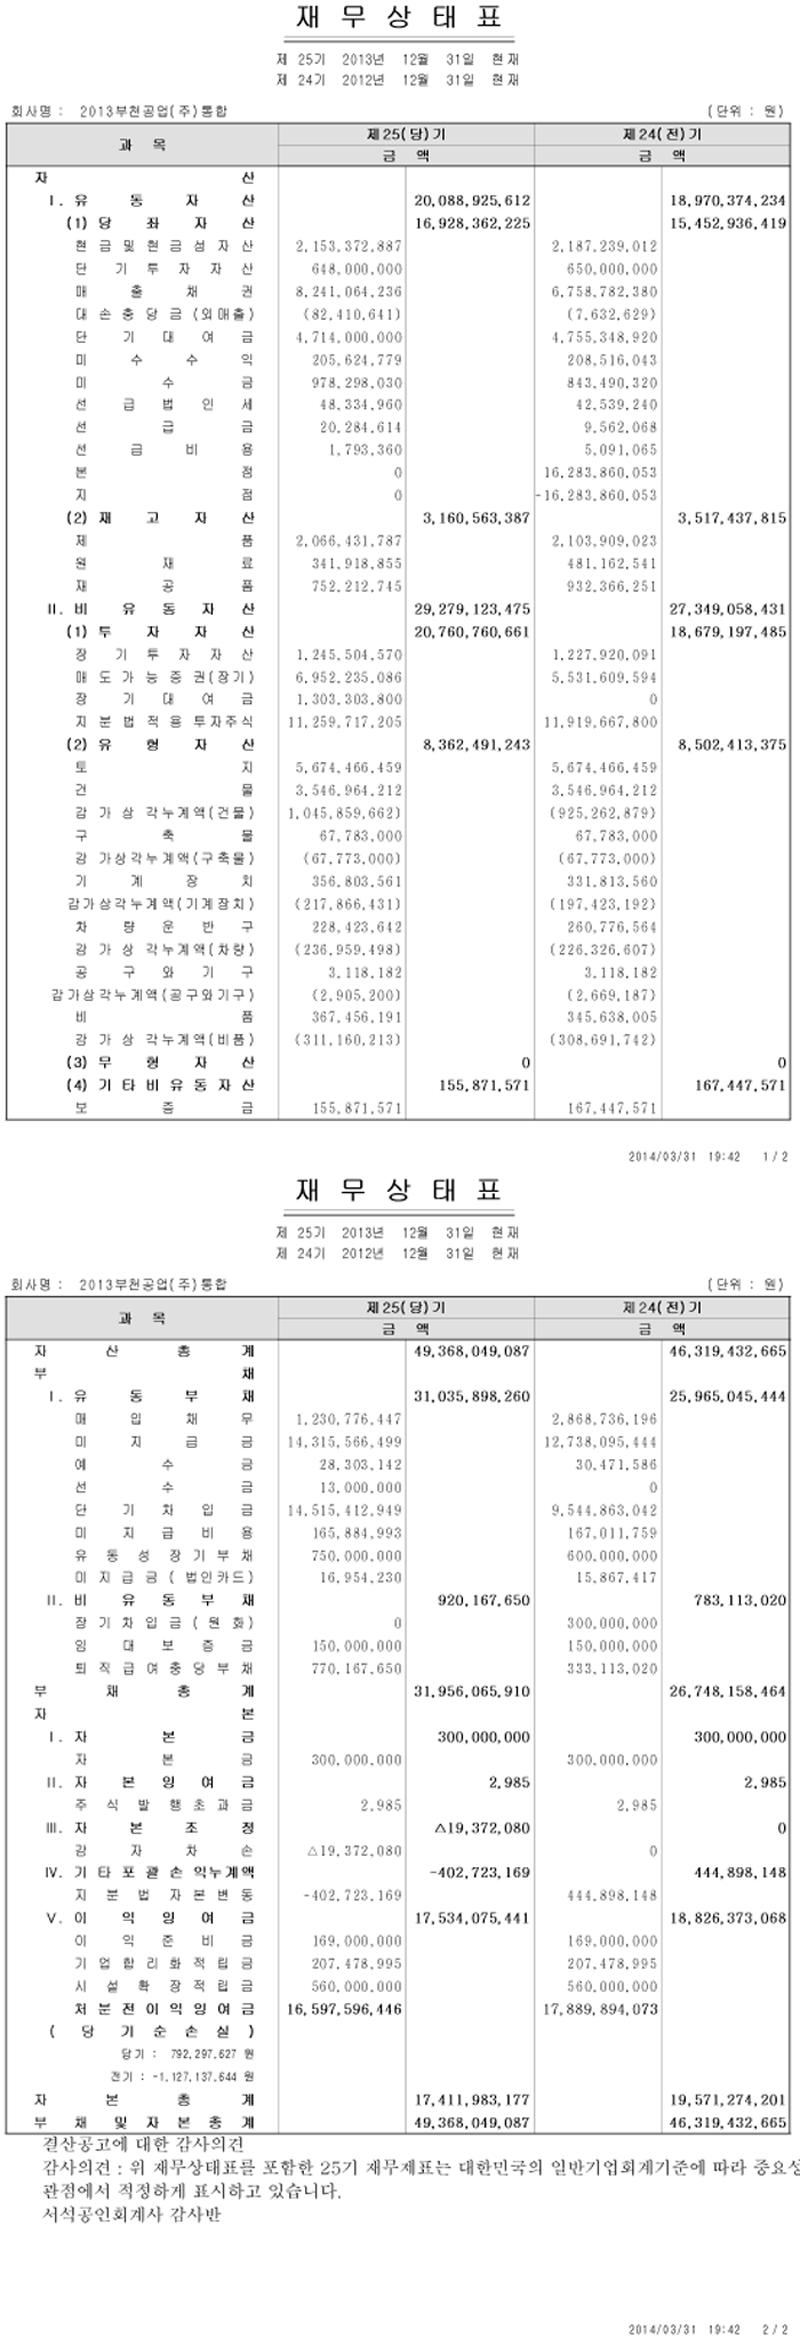 2013년재무상태표1.png